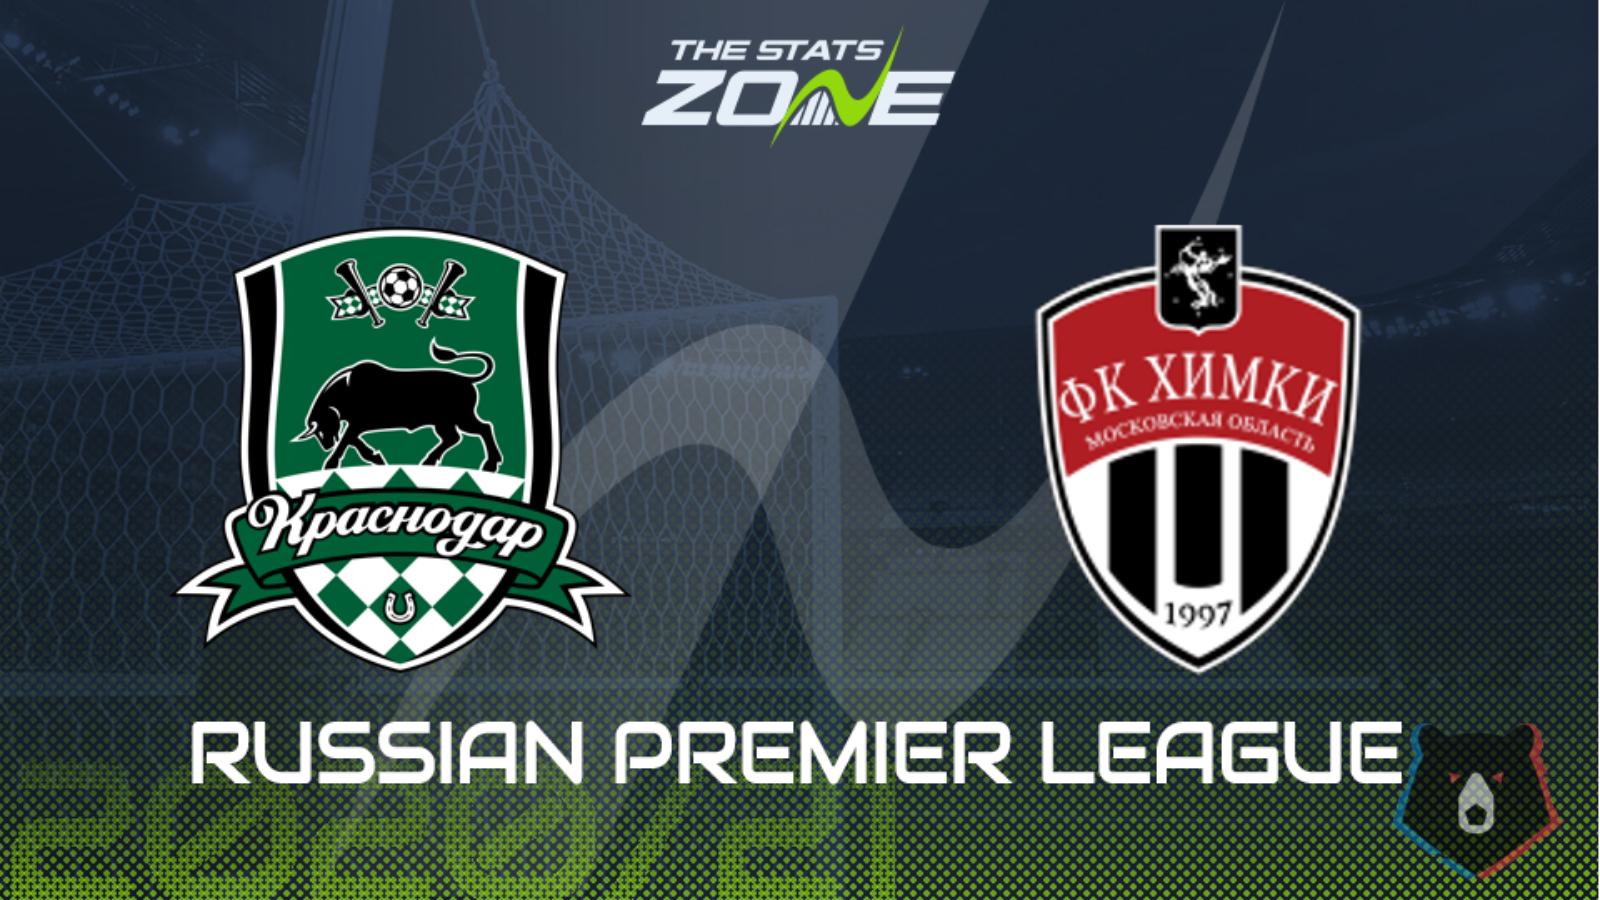 2020 21 Russian Premier League Krasnodar Vs Khimki Preview Prediction The Stats Zone